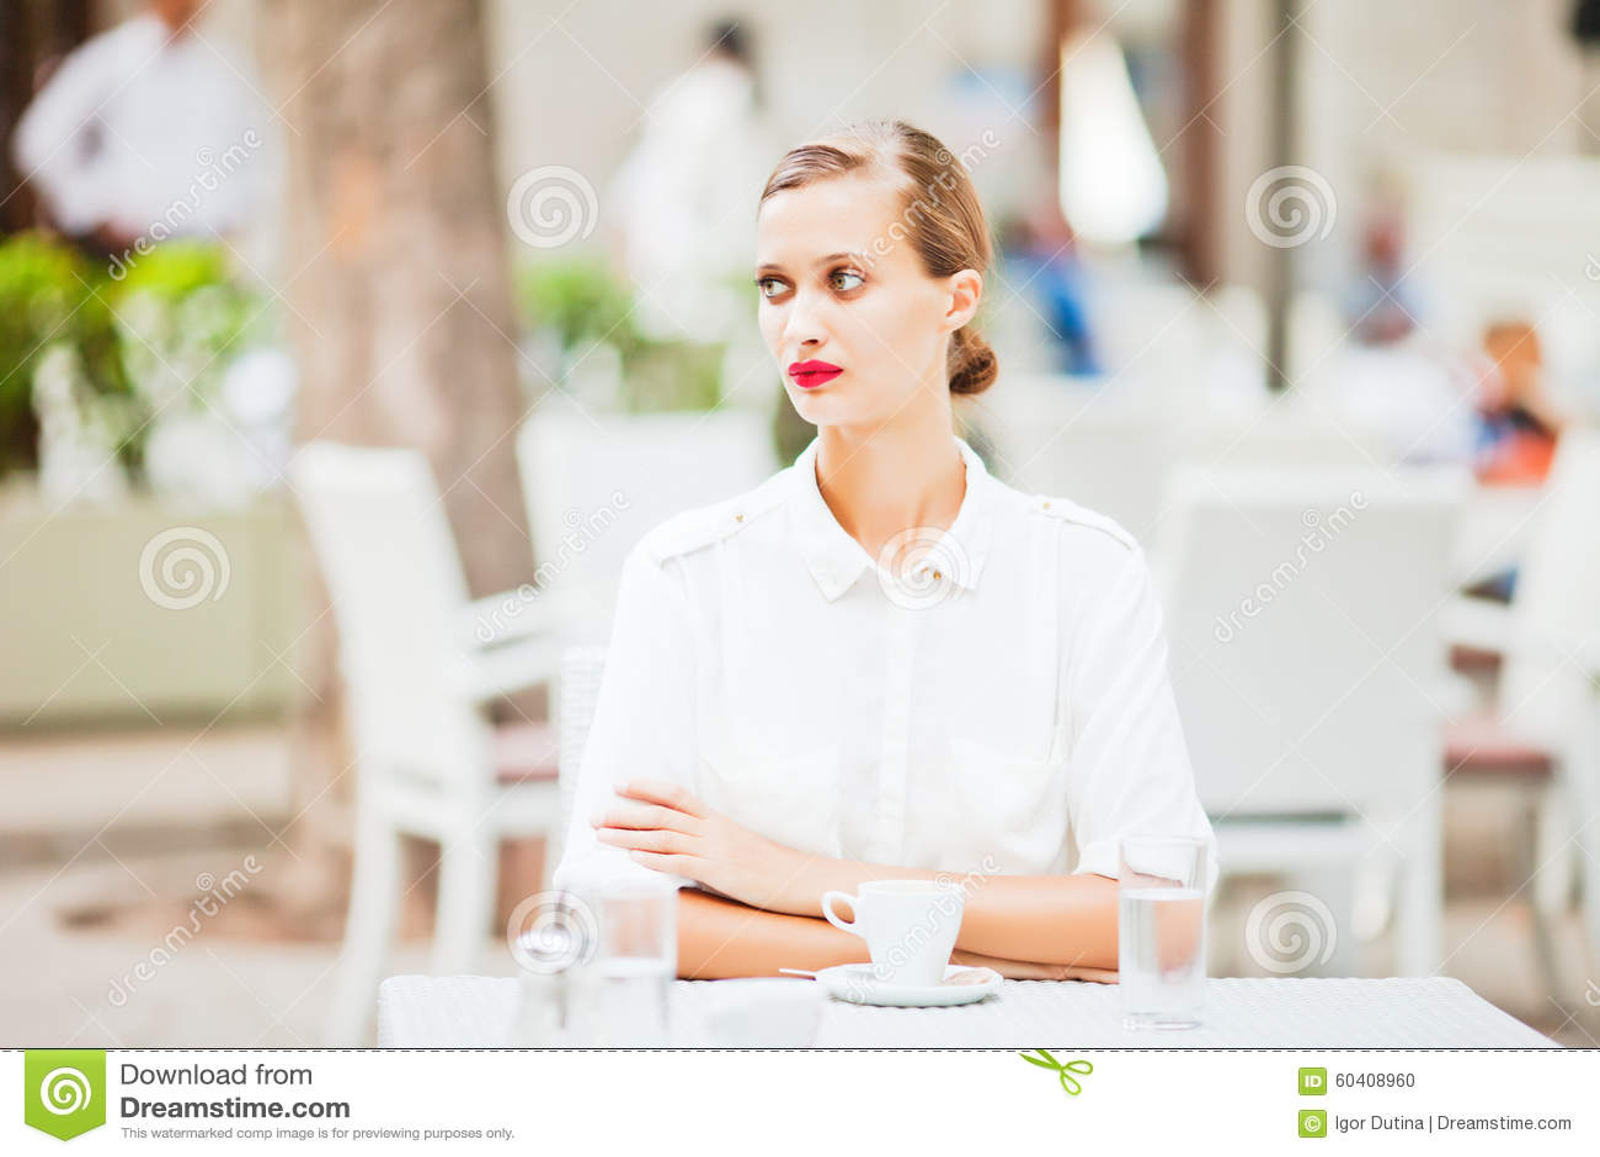 年轻美丽的女孩饮用的咖啡